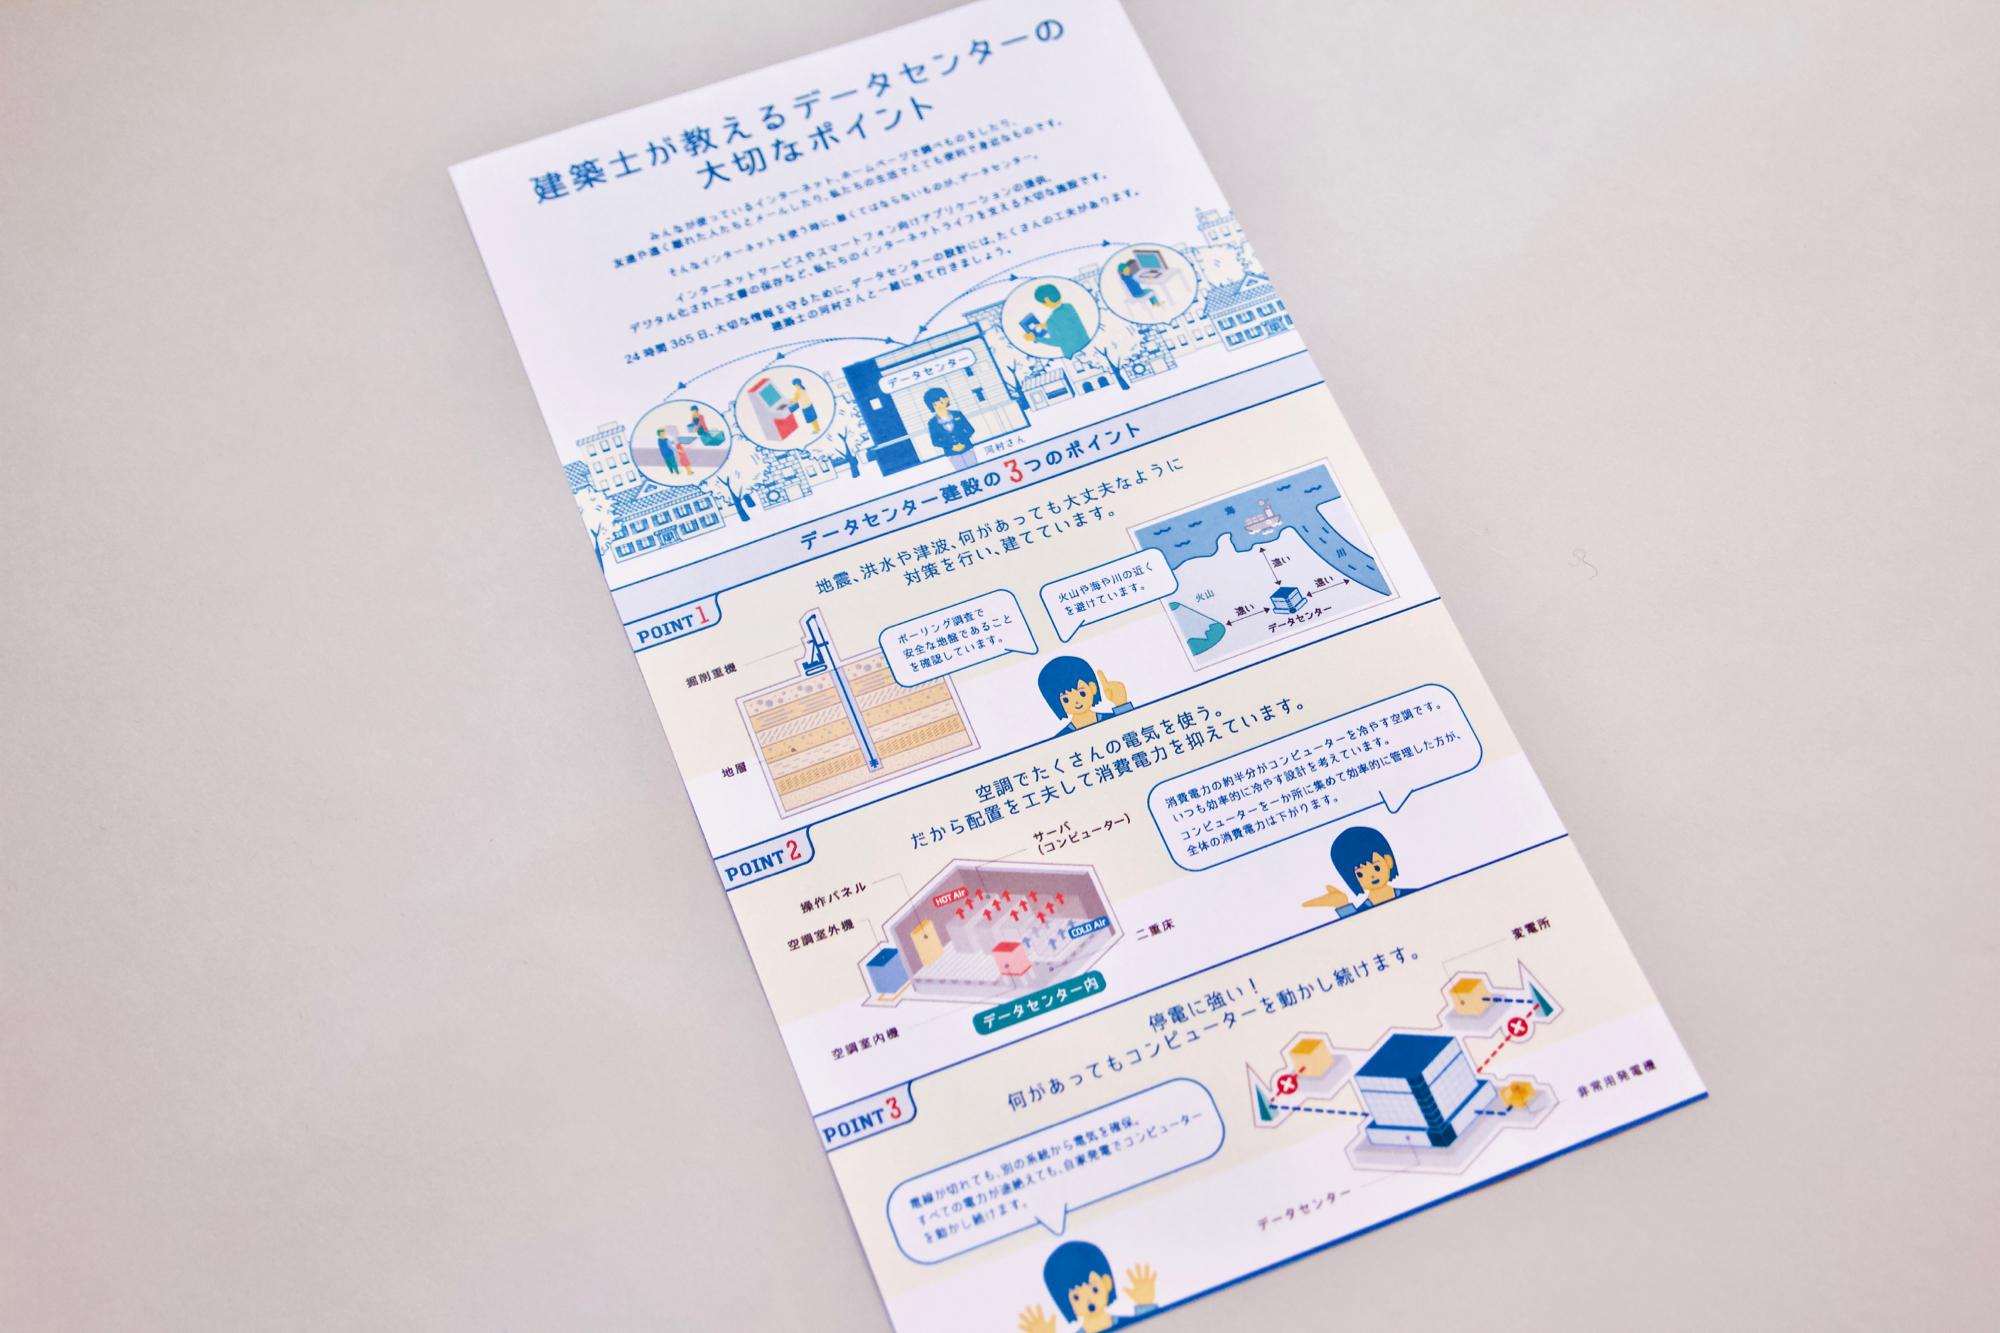 展示会 説明パネルデザイン|A0サイズ フルカラーインクジェット印刷